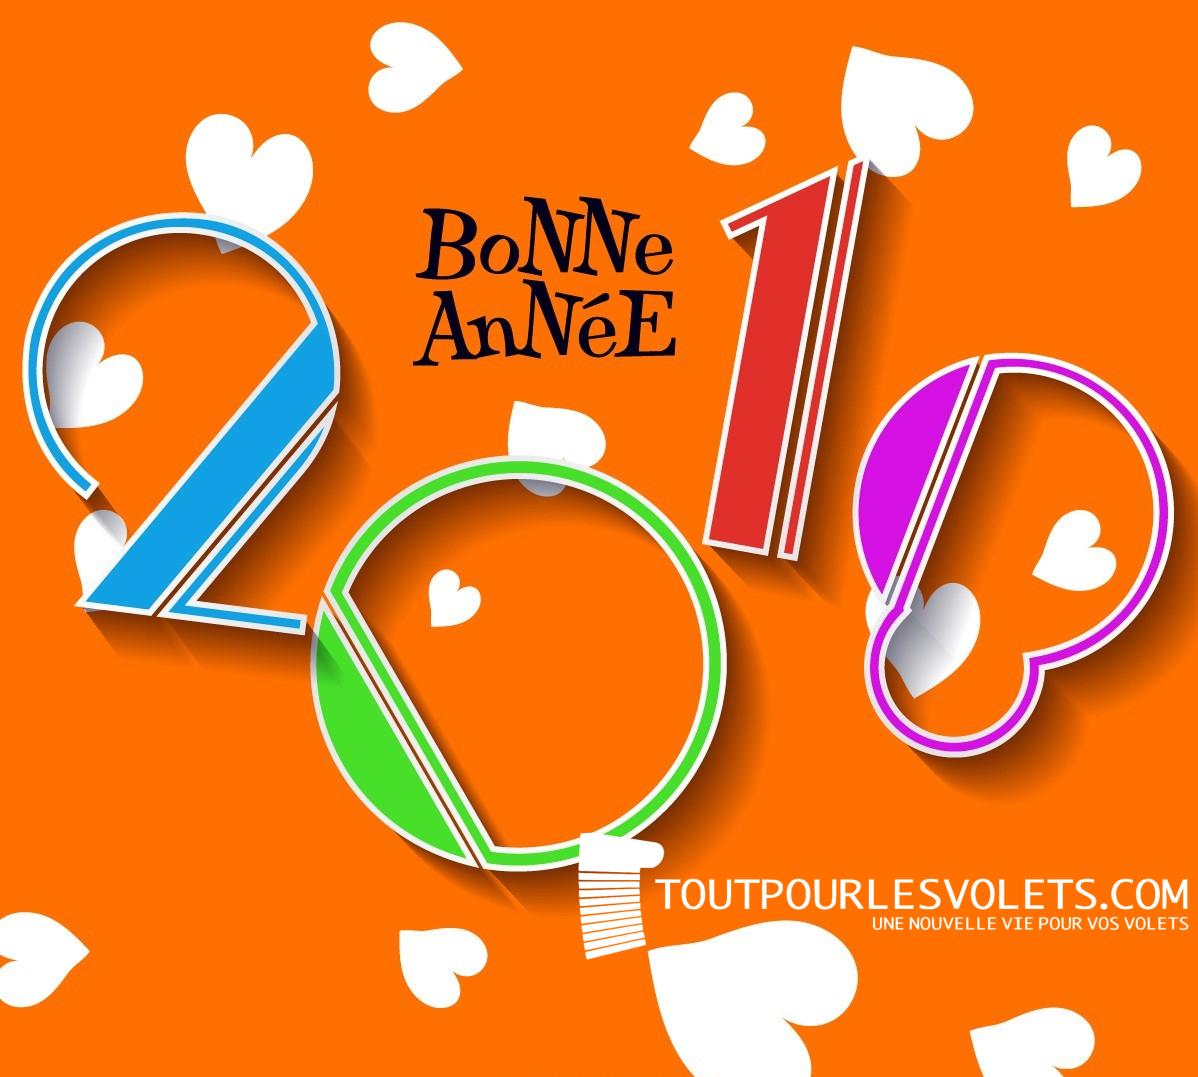 Toutpourlesvolets.com vous souhaite ses meilleurs voeux pour 2018 !